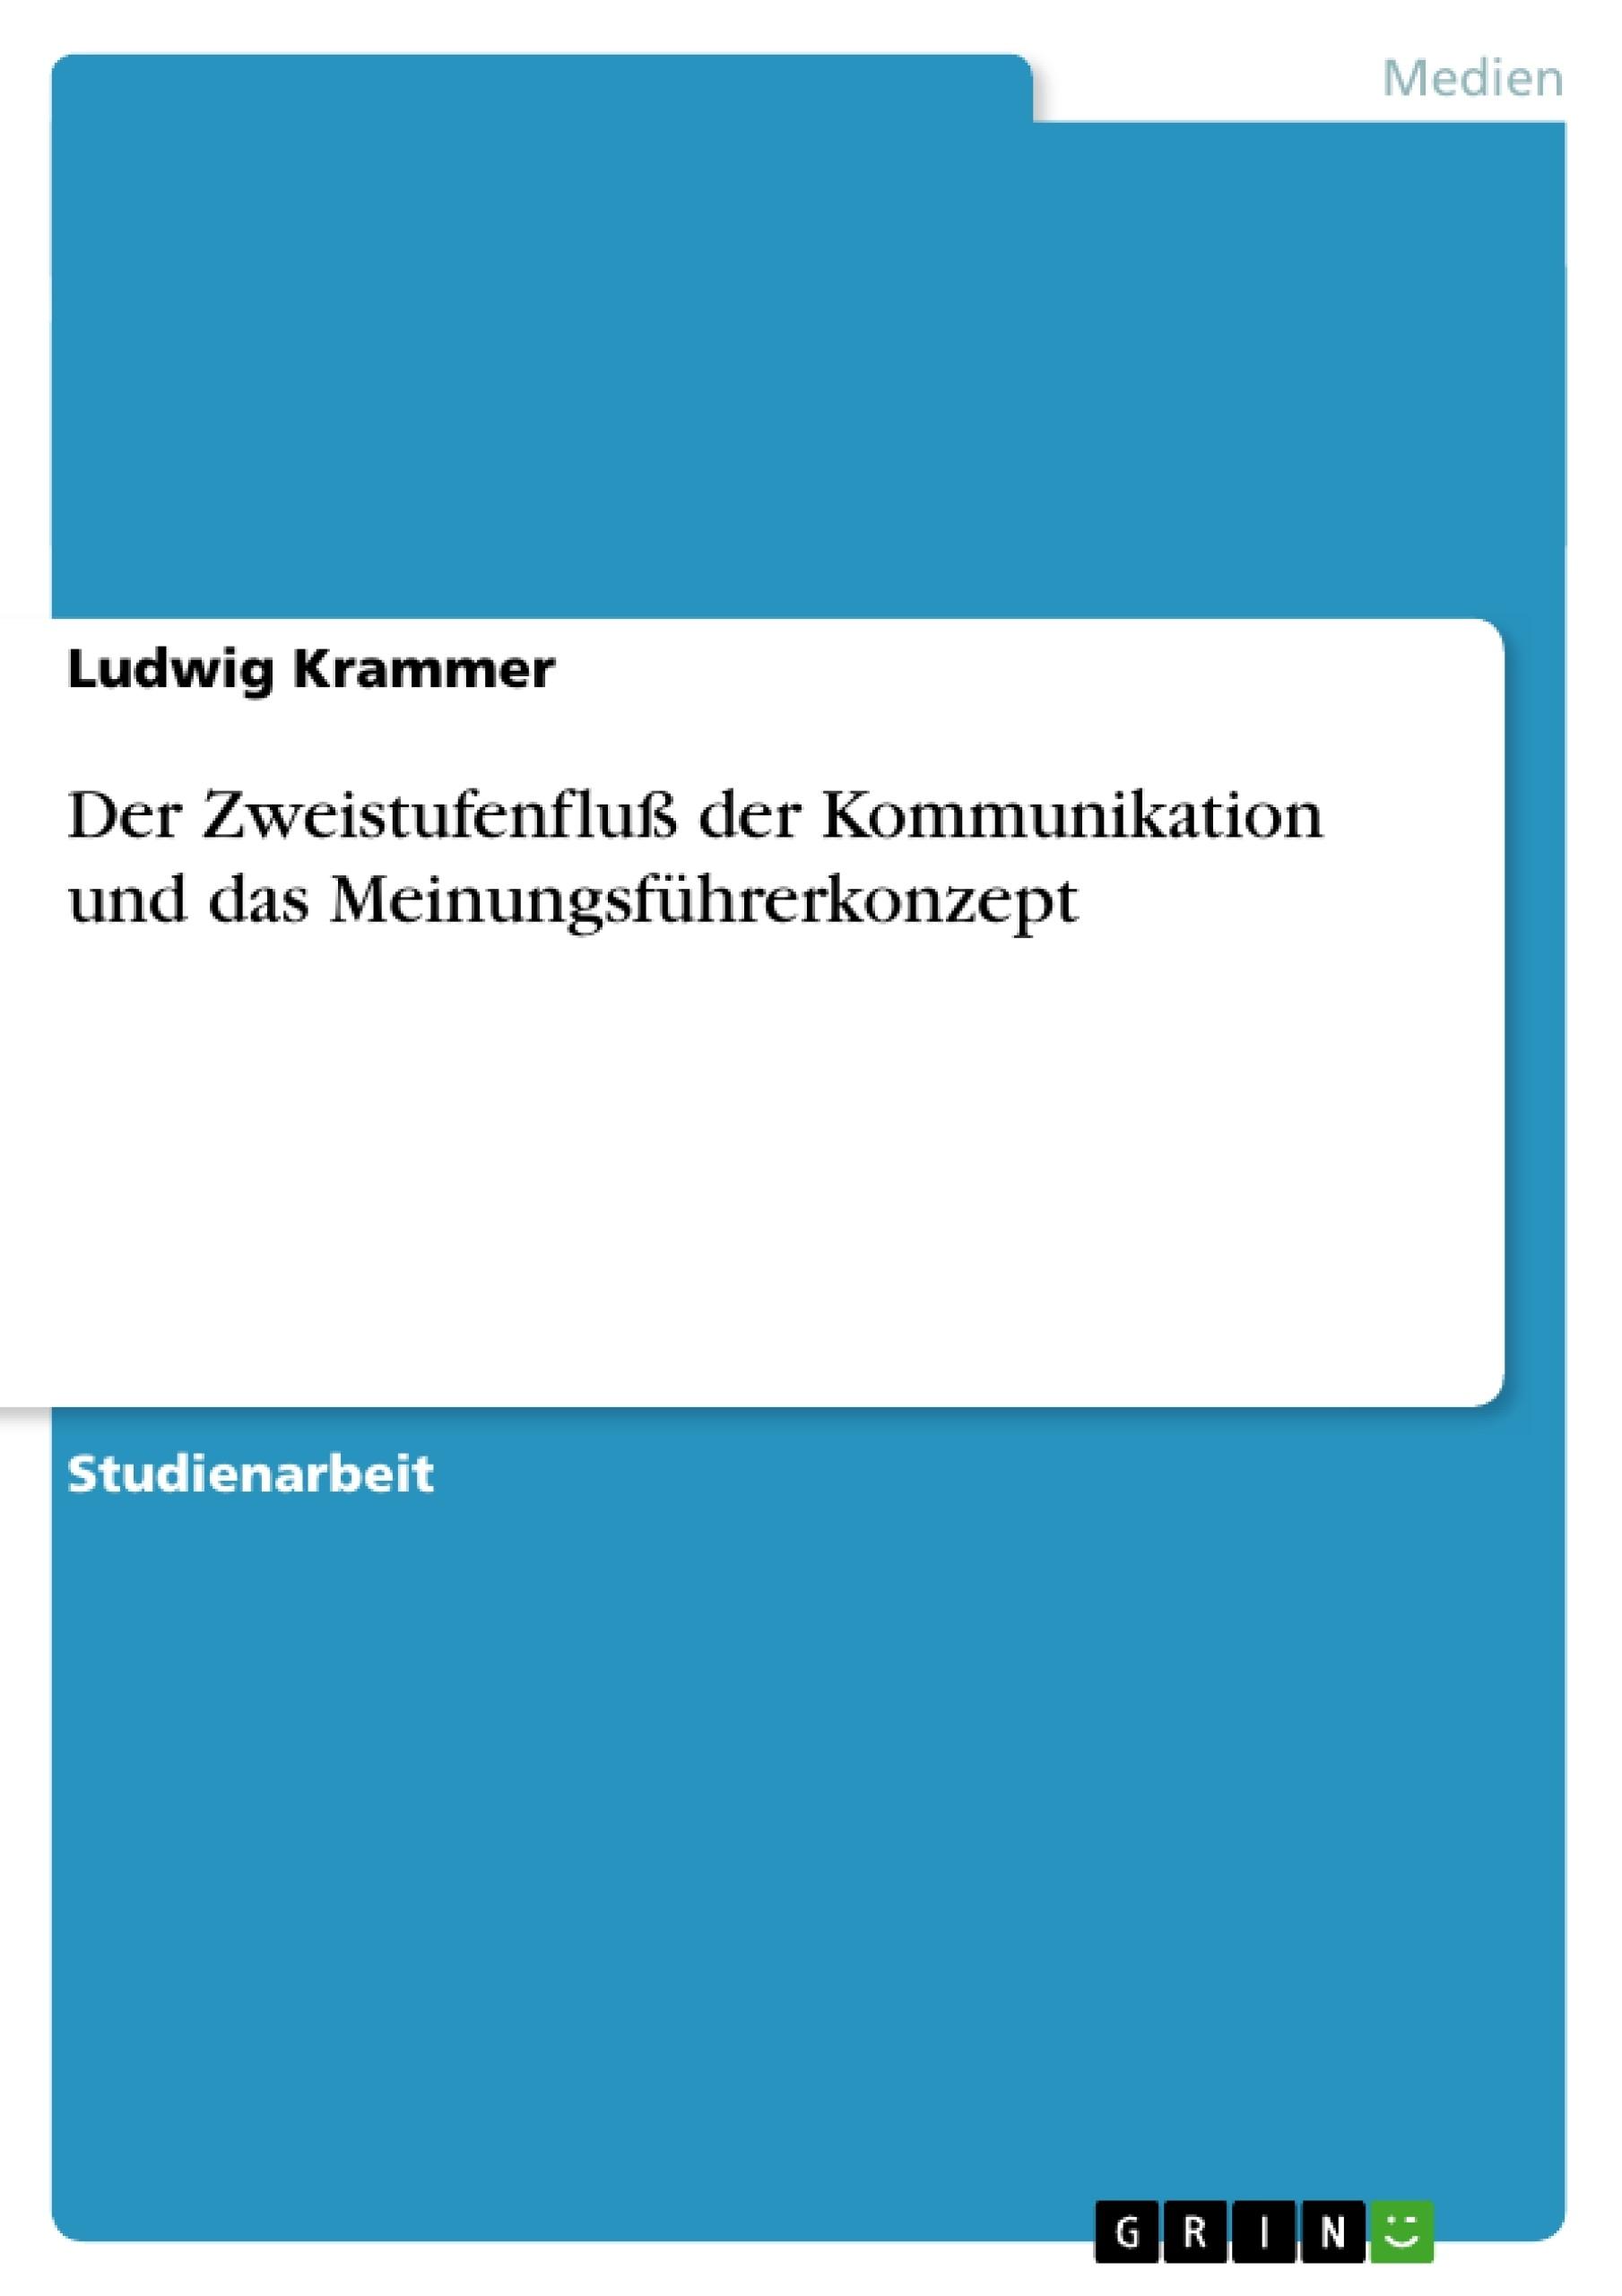 Titel: Der Zweistufenfluß der Kommunikation und das Meinungsführerkonzept